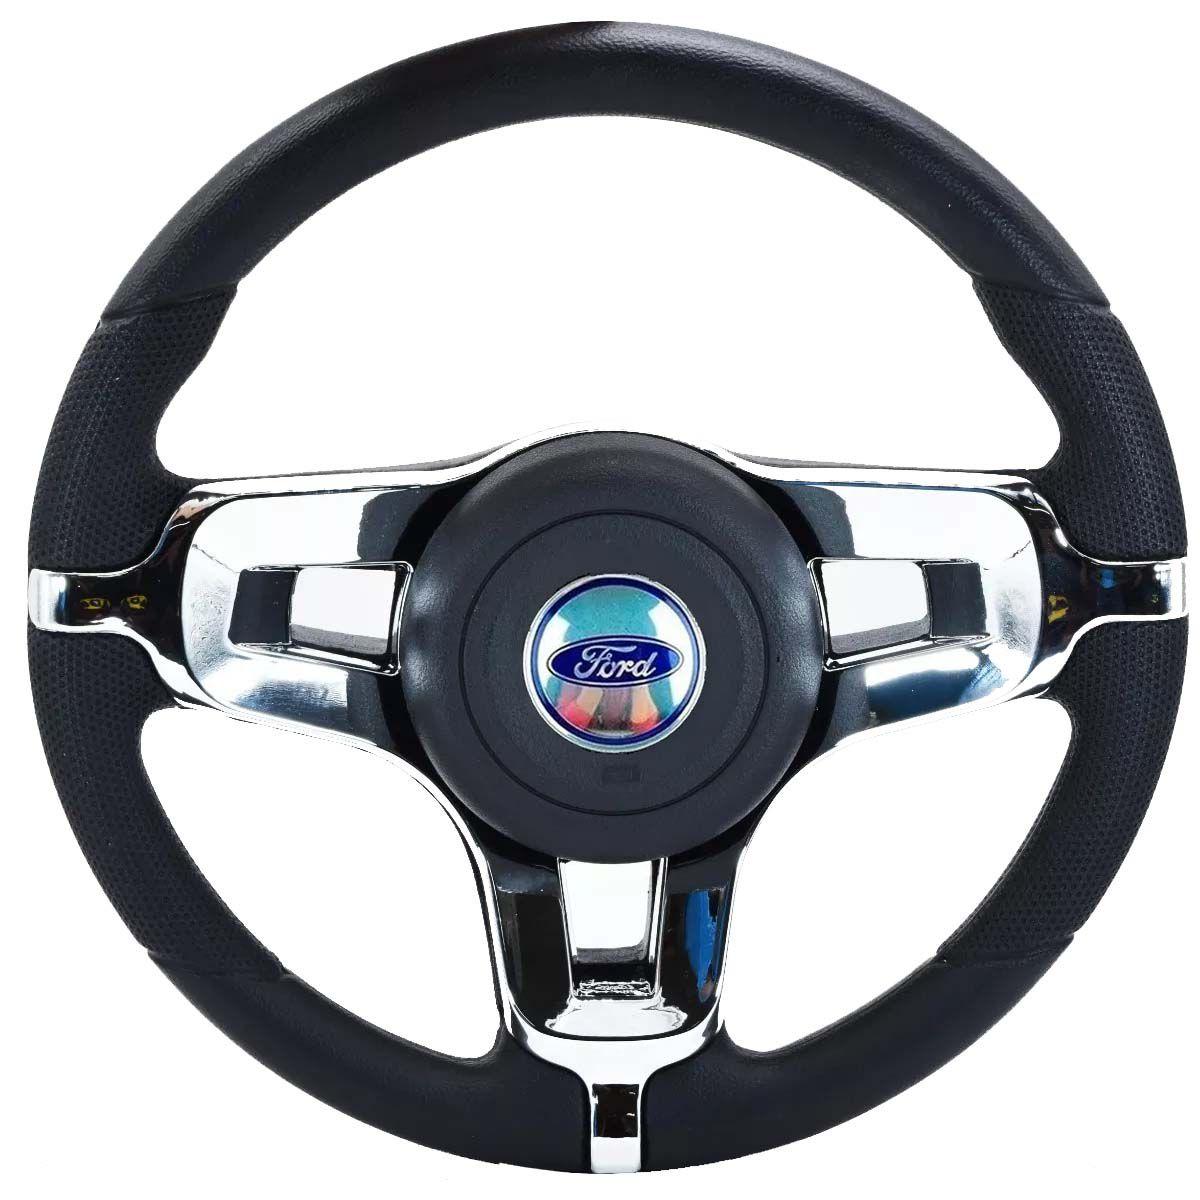 Volante Esportivo Mustang Ford Ka Fiesta Escort Zetec Hobby Pampa F100 F1000 F75 F250 Verona Del Rey Belina Ecosport Logus Acionador de Buzia + Cubo